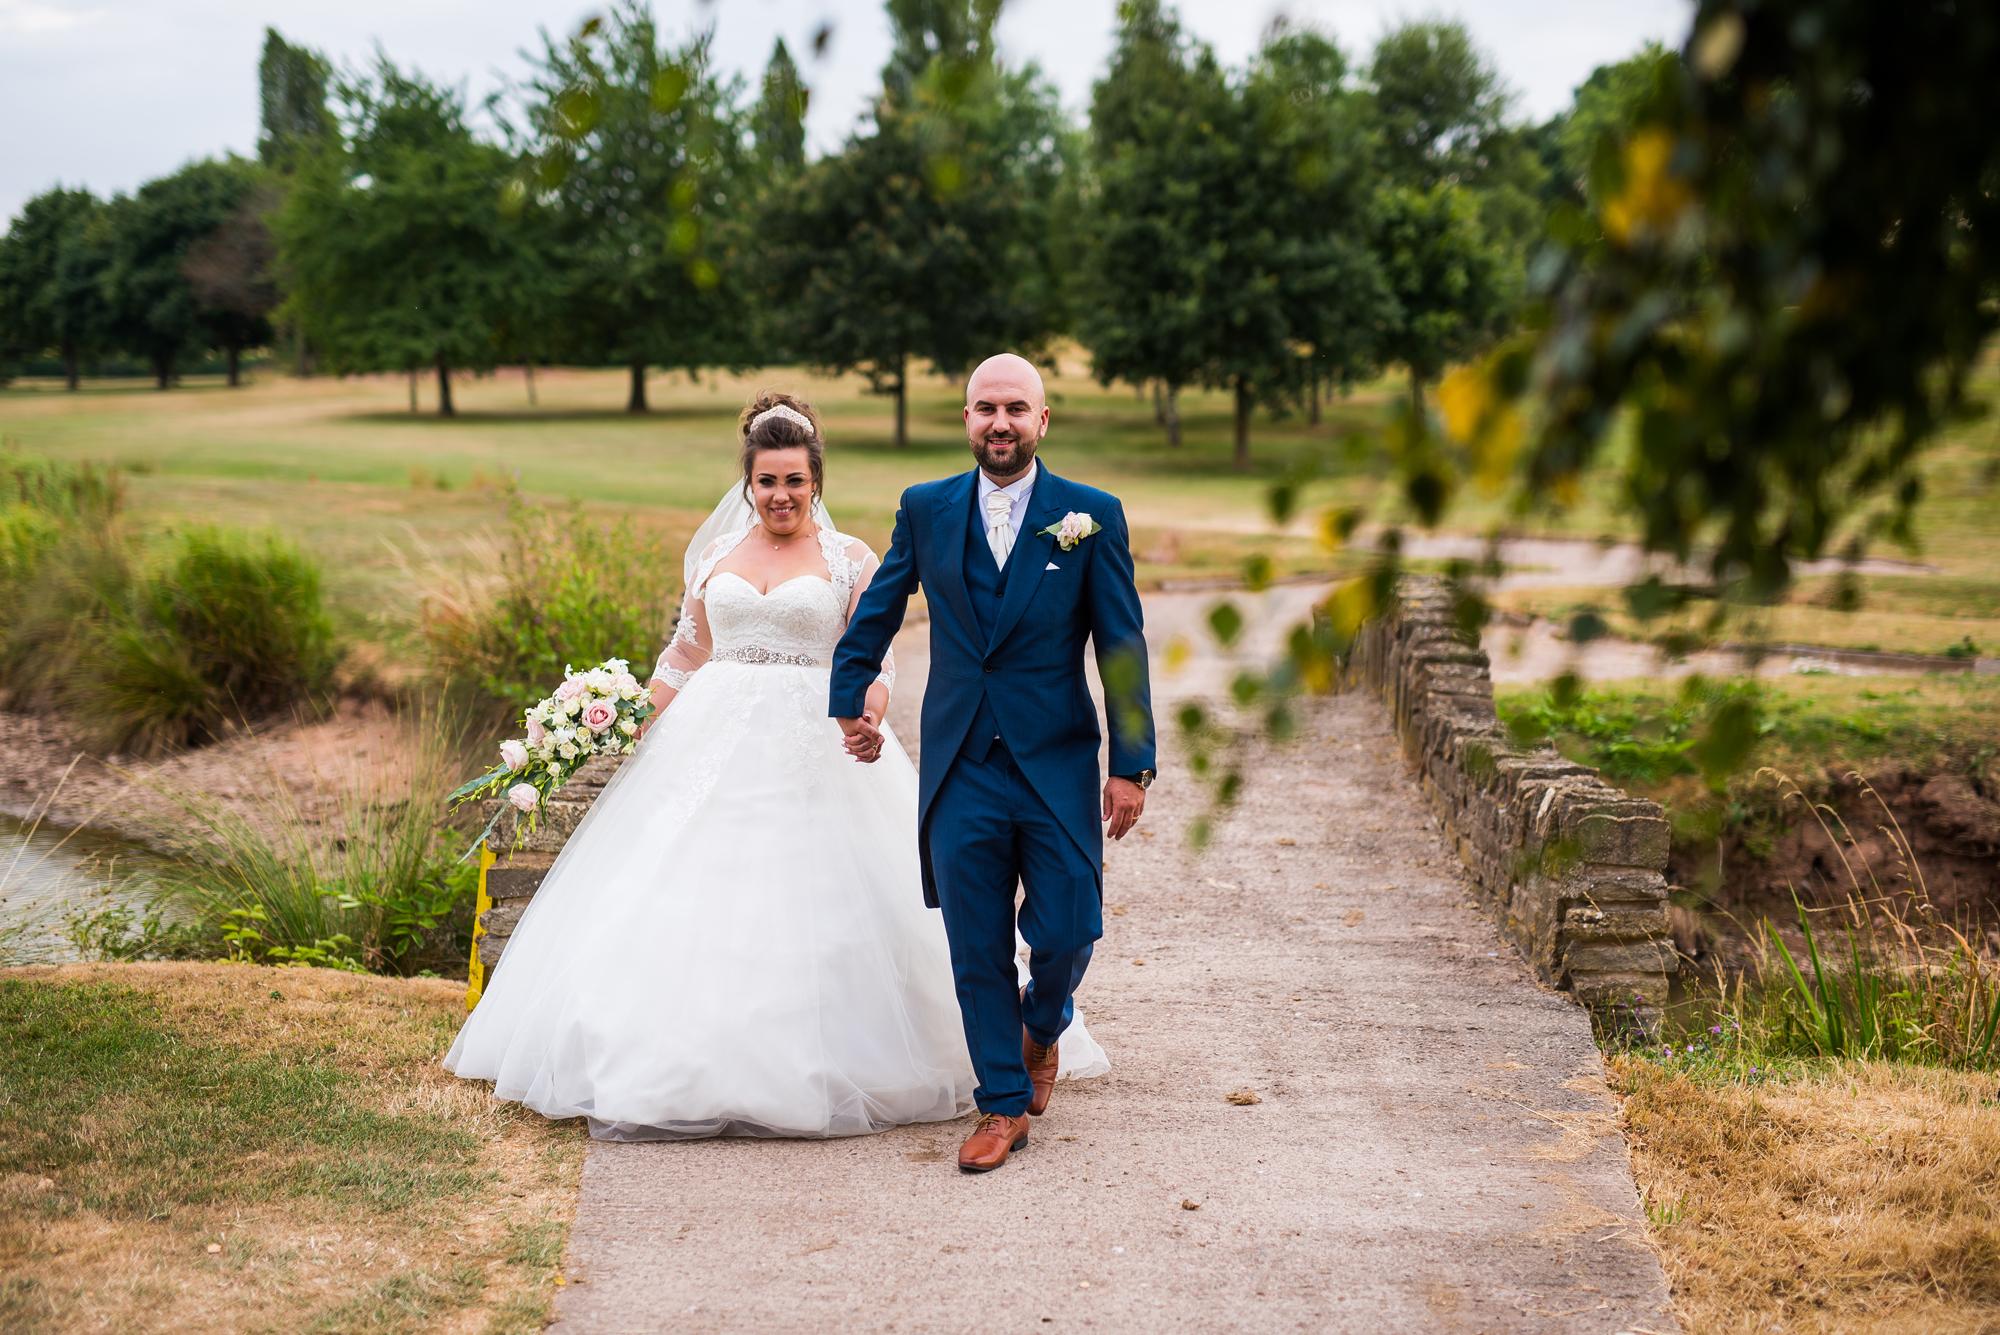 Roise and John wedding photos (321 of 383).jpg